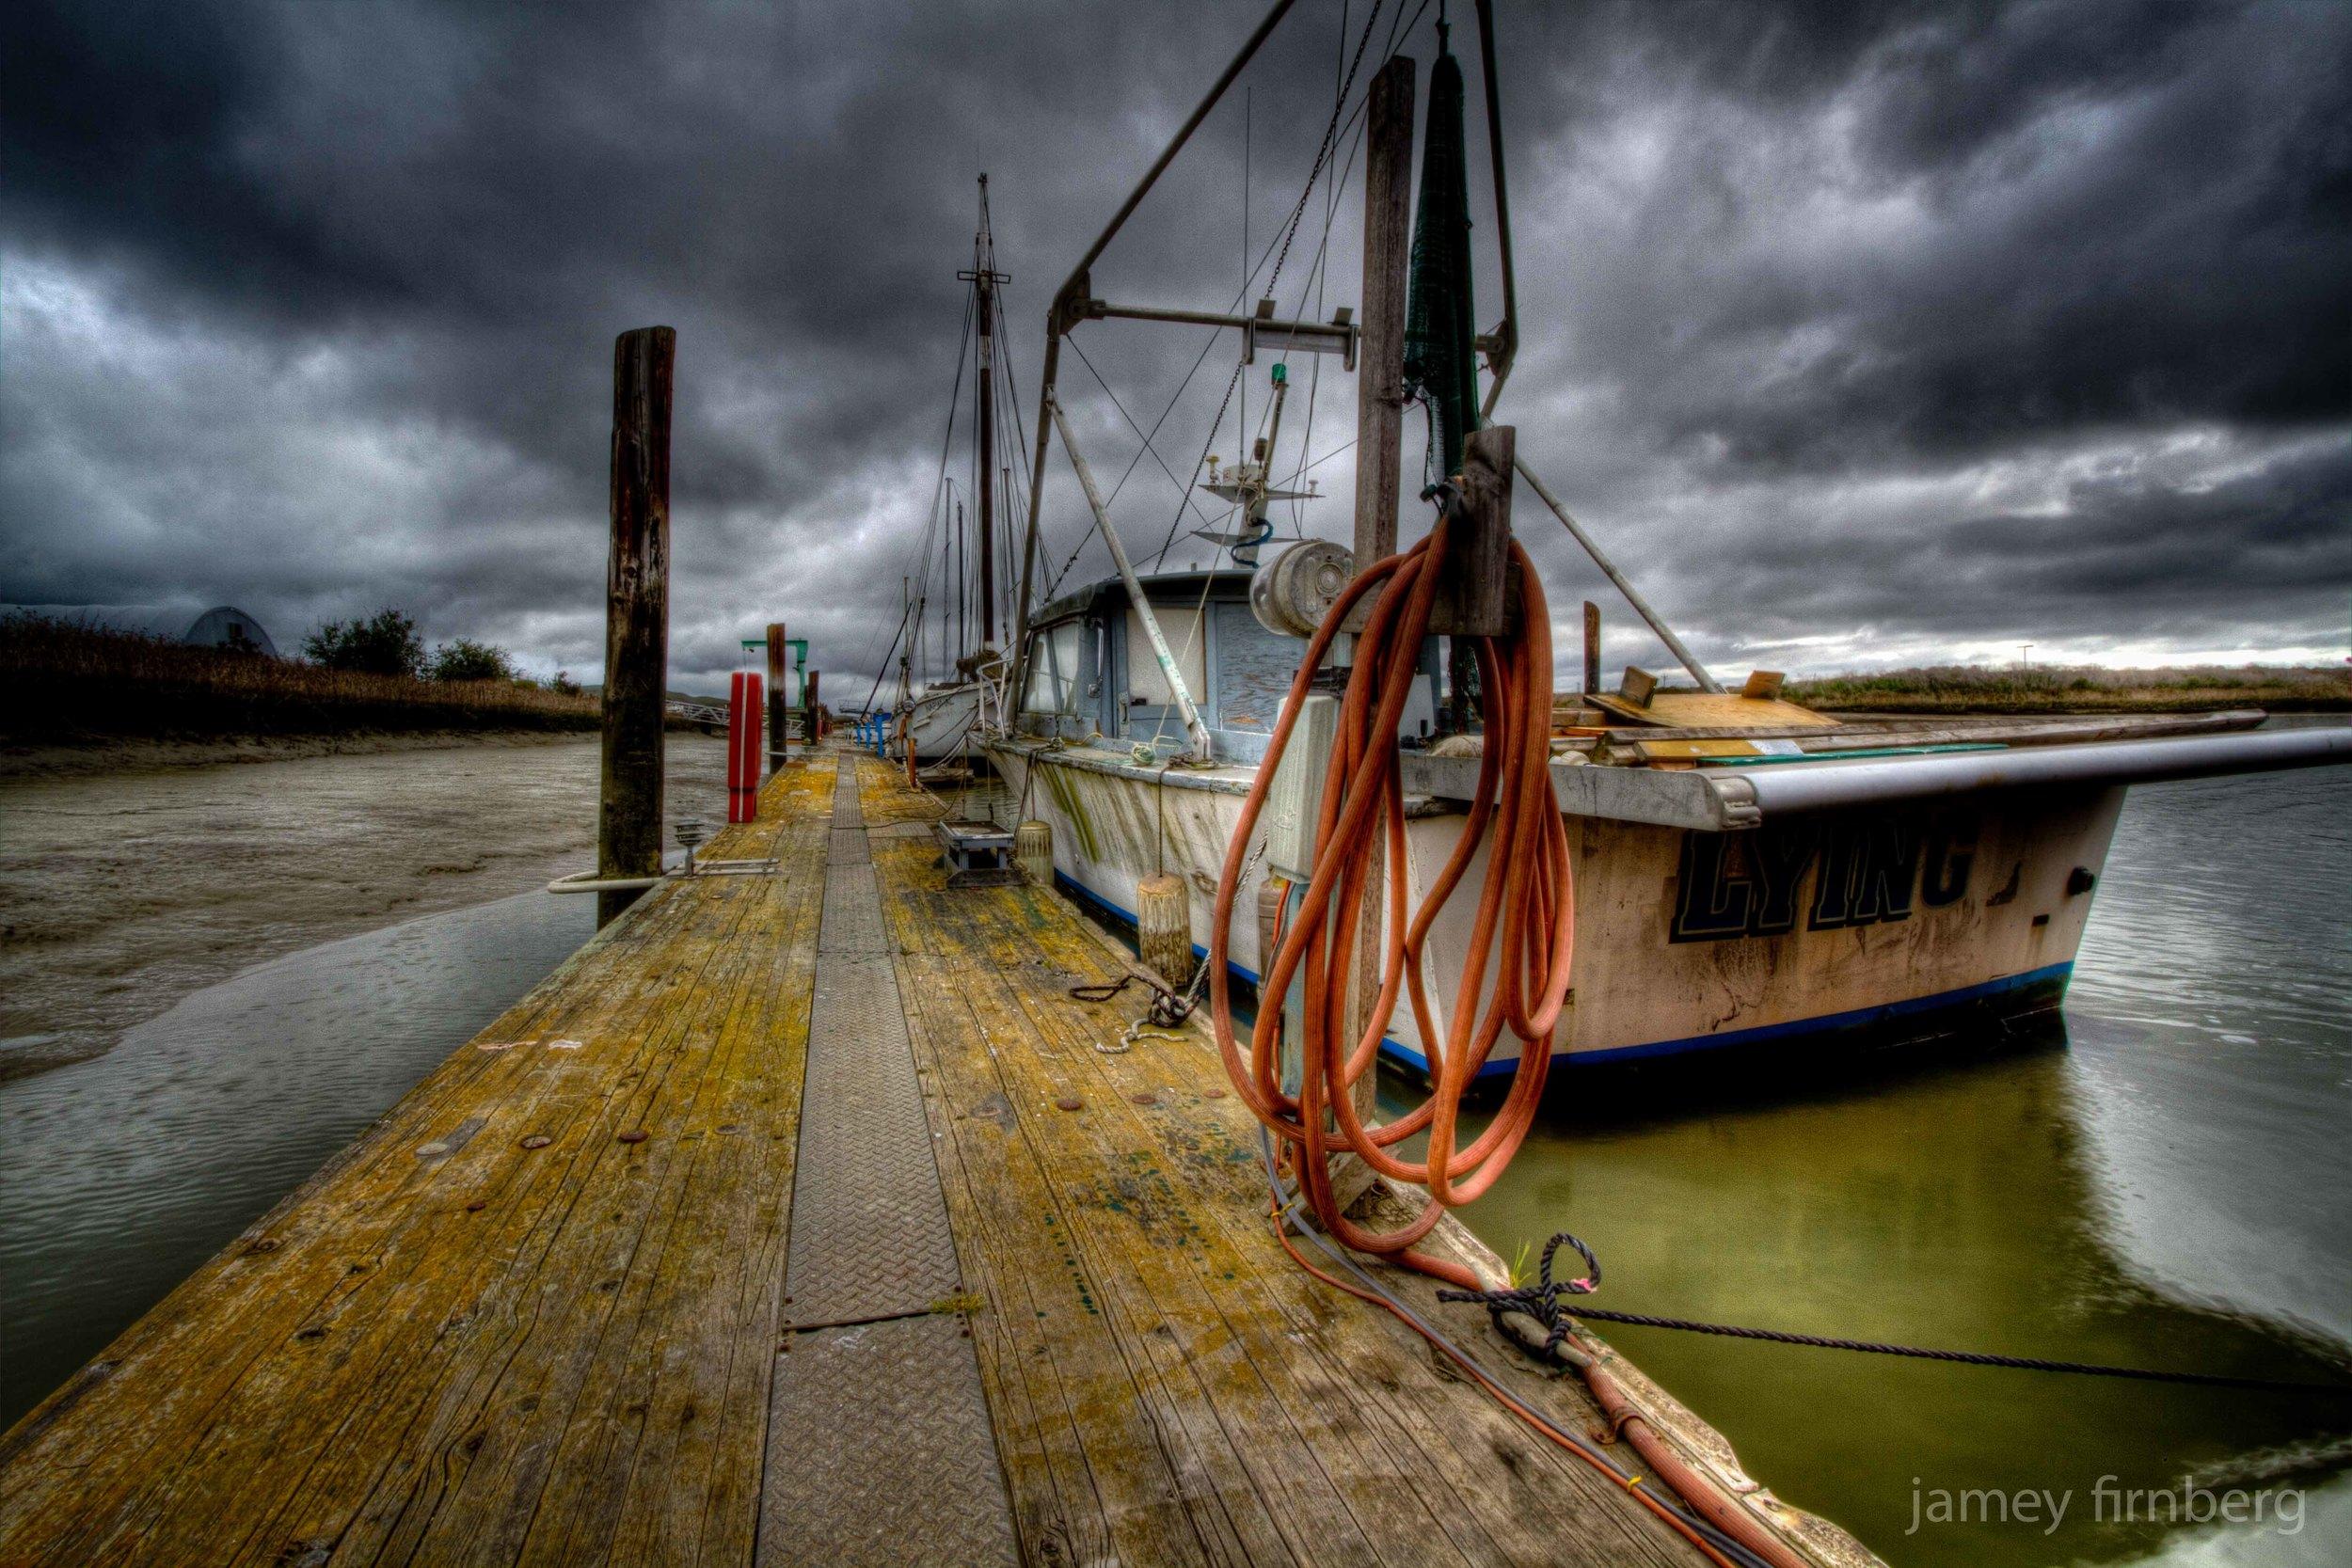 Sonoma_Boat-5.jpg